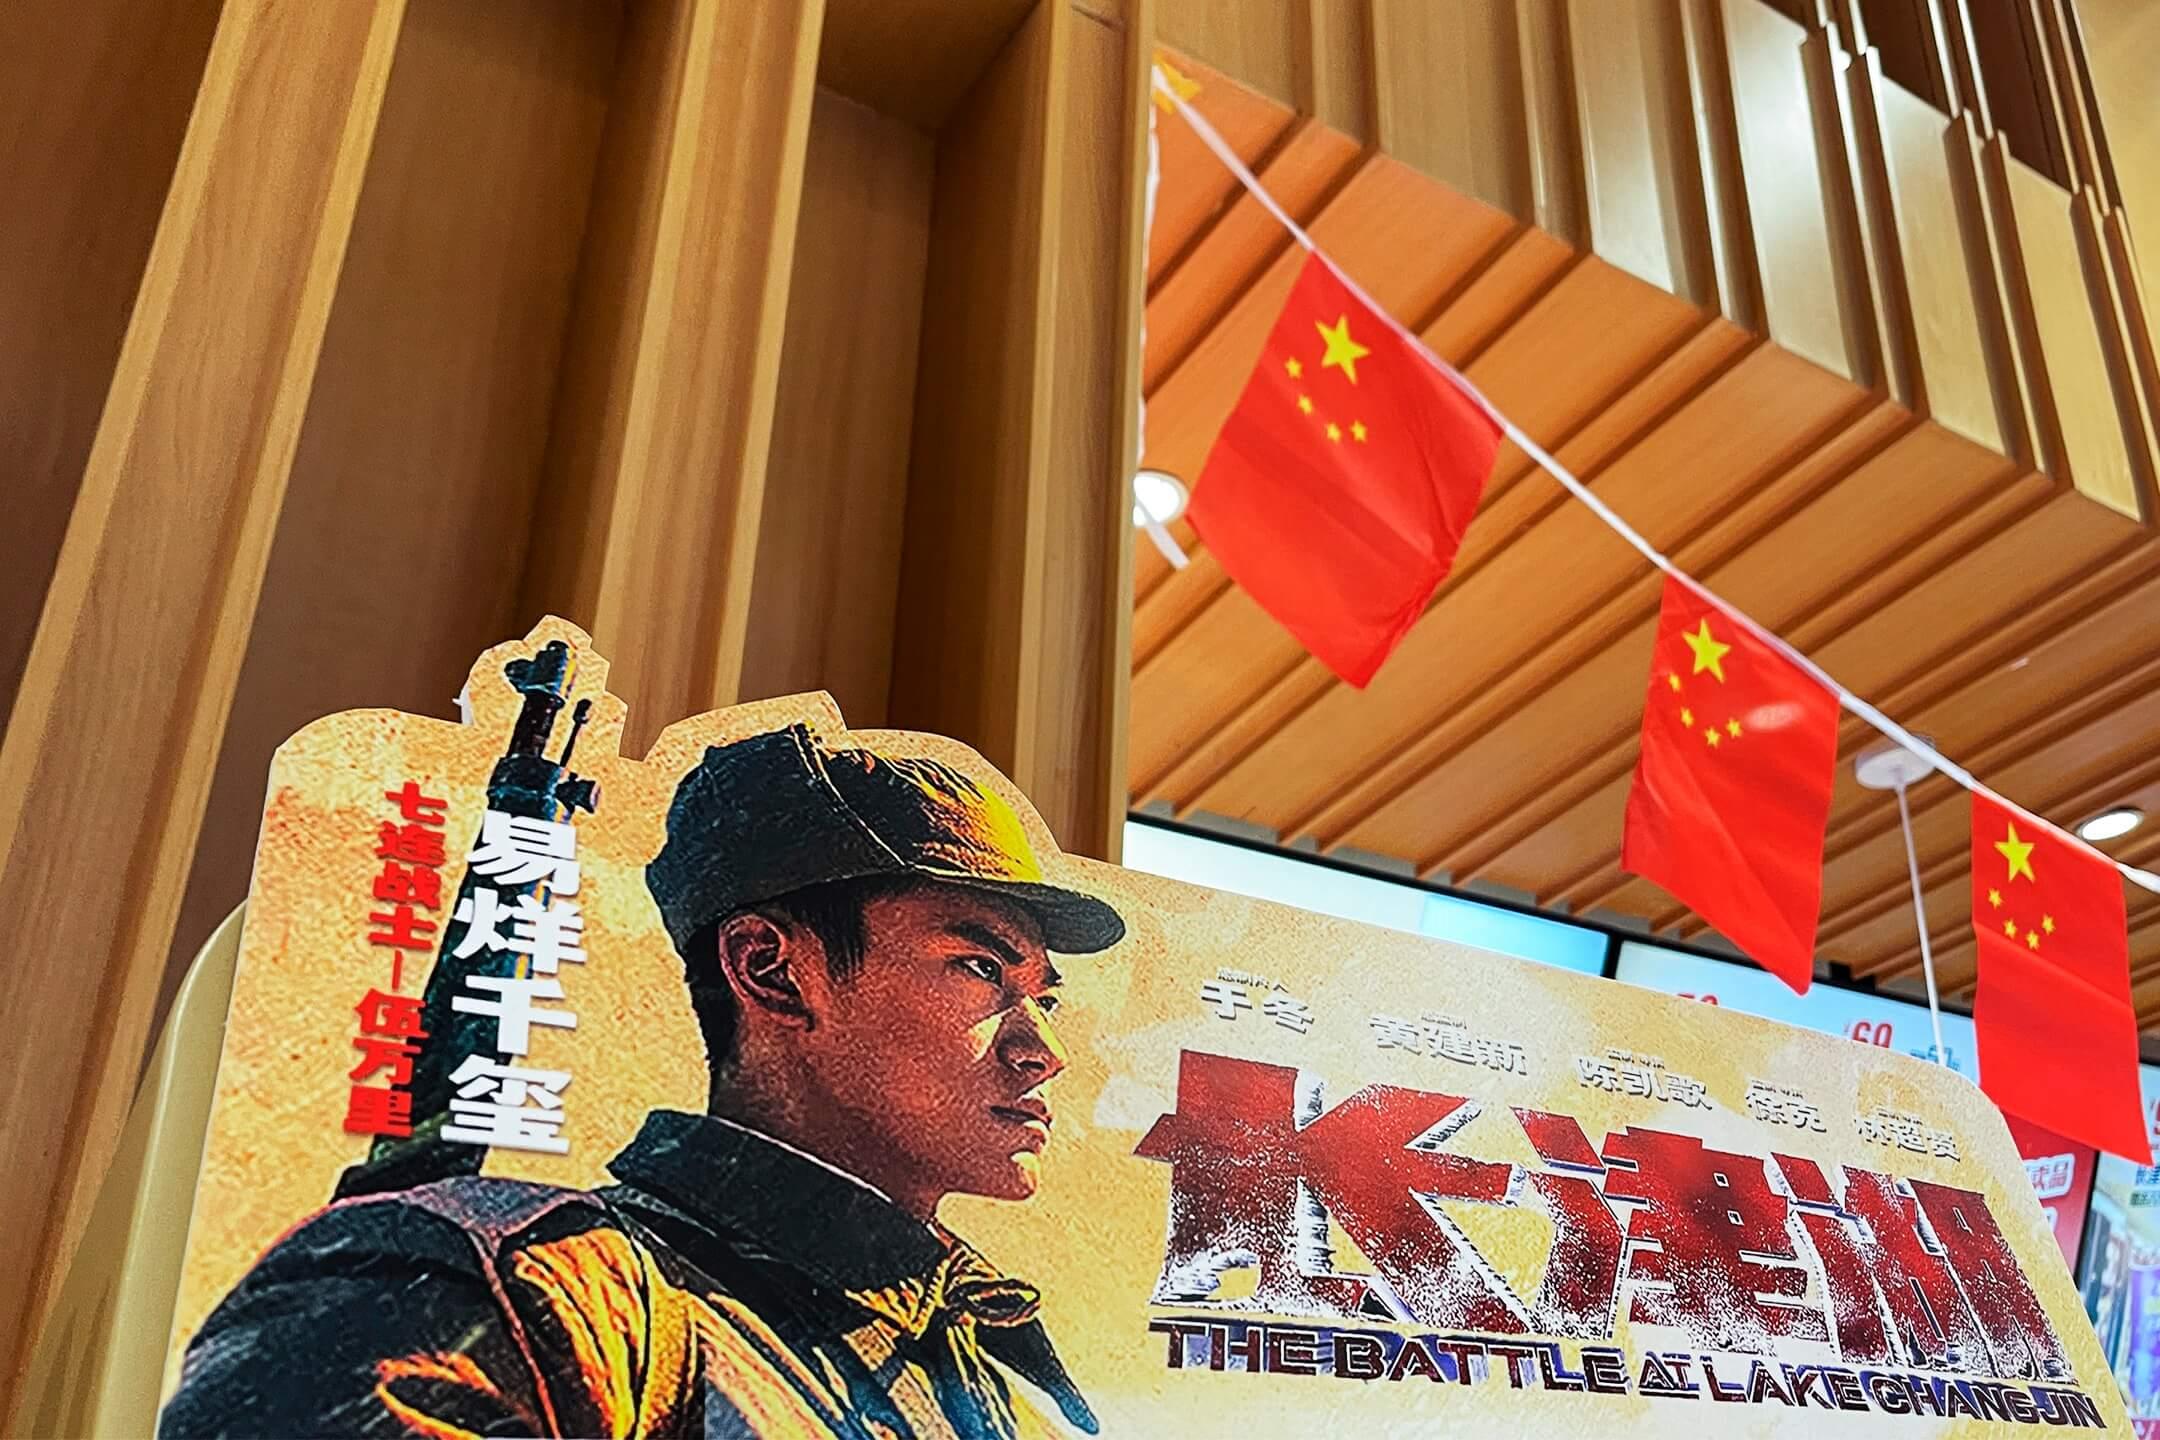 2021年9月30日,中國首都北京一家戲院門外,擺放著《長津湖》的電影海報,門口懸掛著國旗裝飾迎接國慶。 攝:VCG via Getty Images